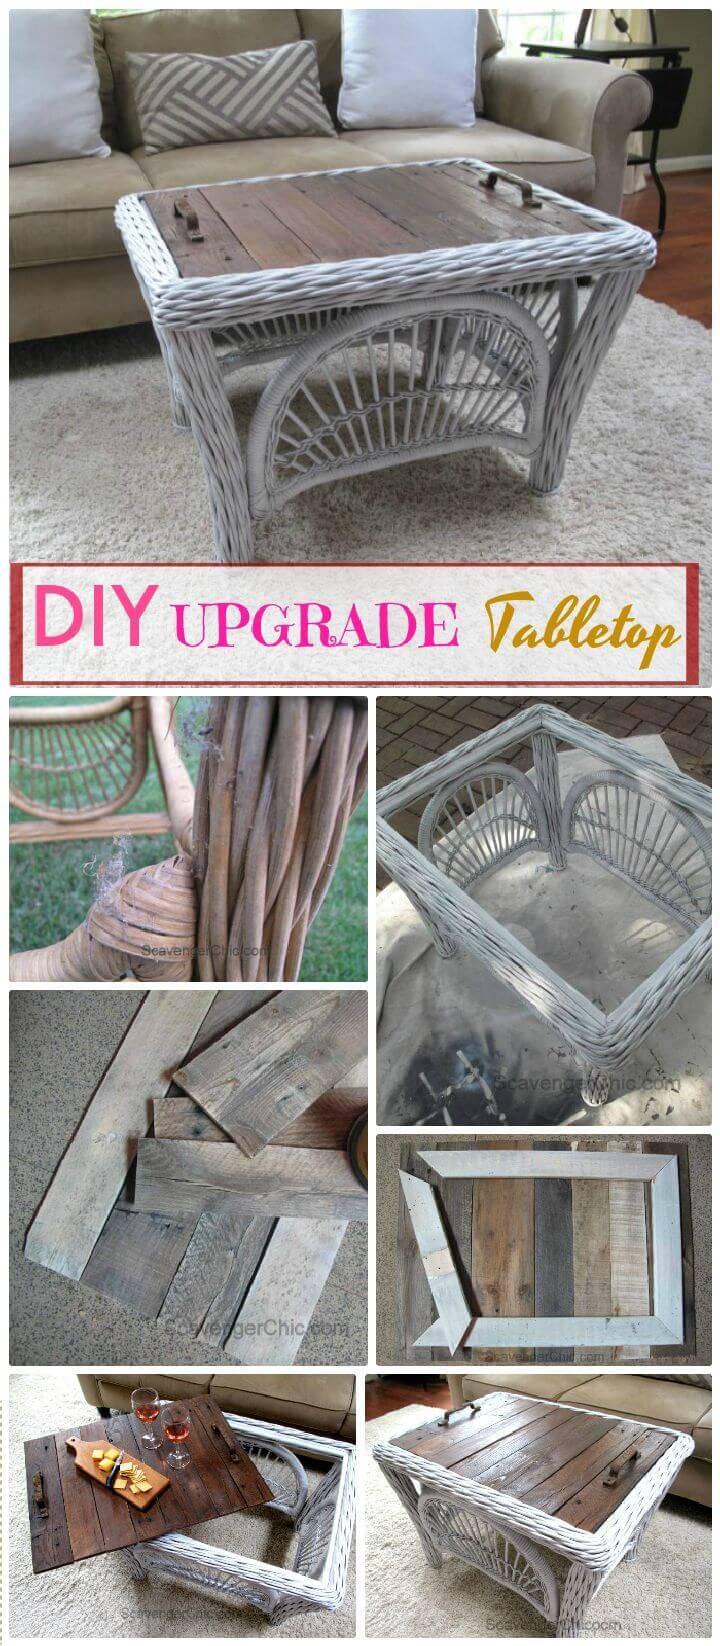 DIY Upgrade Your Tabletop